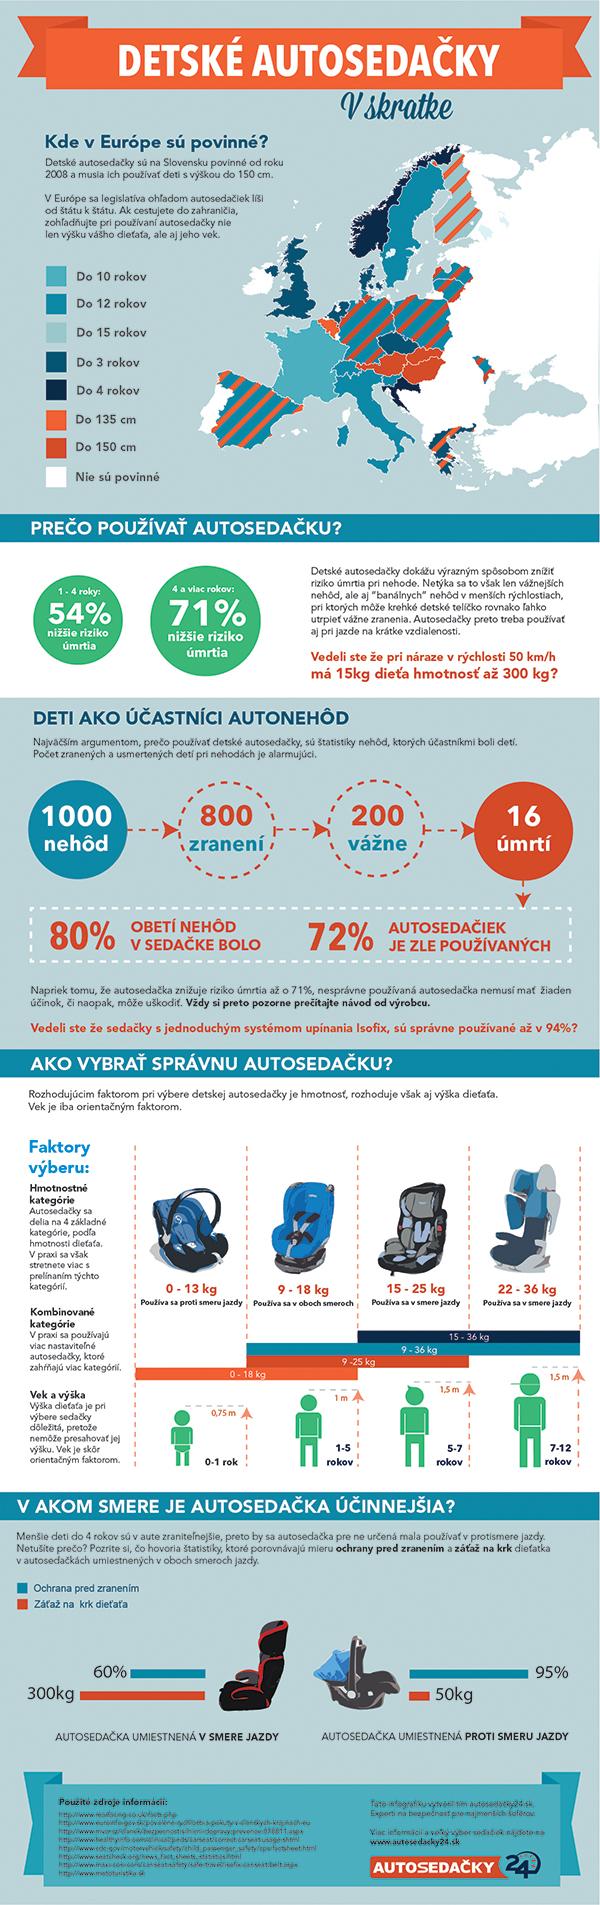 detské autosedačky infografika